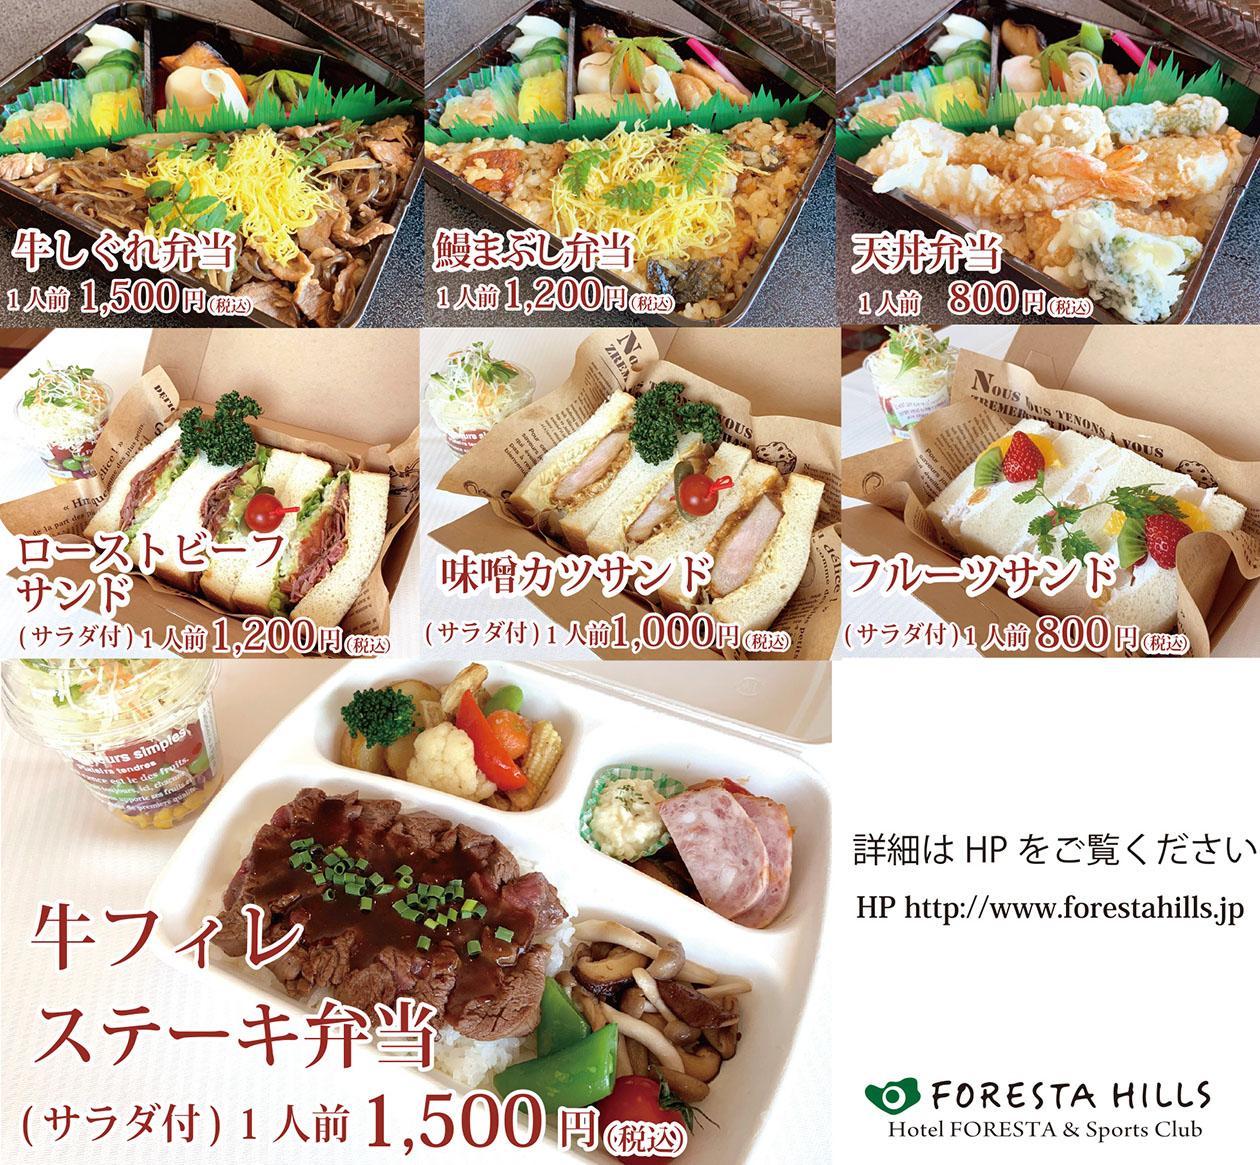 ホテルフォレスタ<br>レストランフォンターナ/和処花乃里